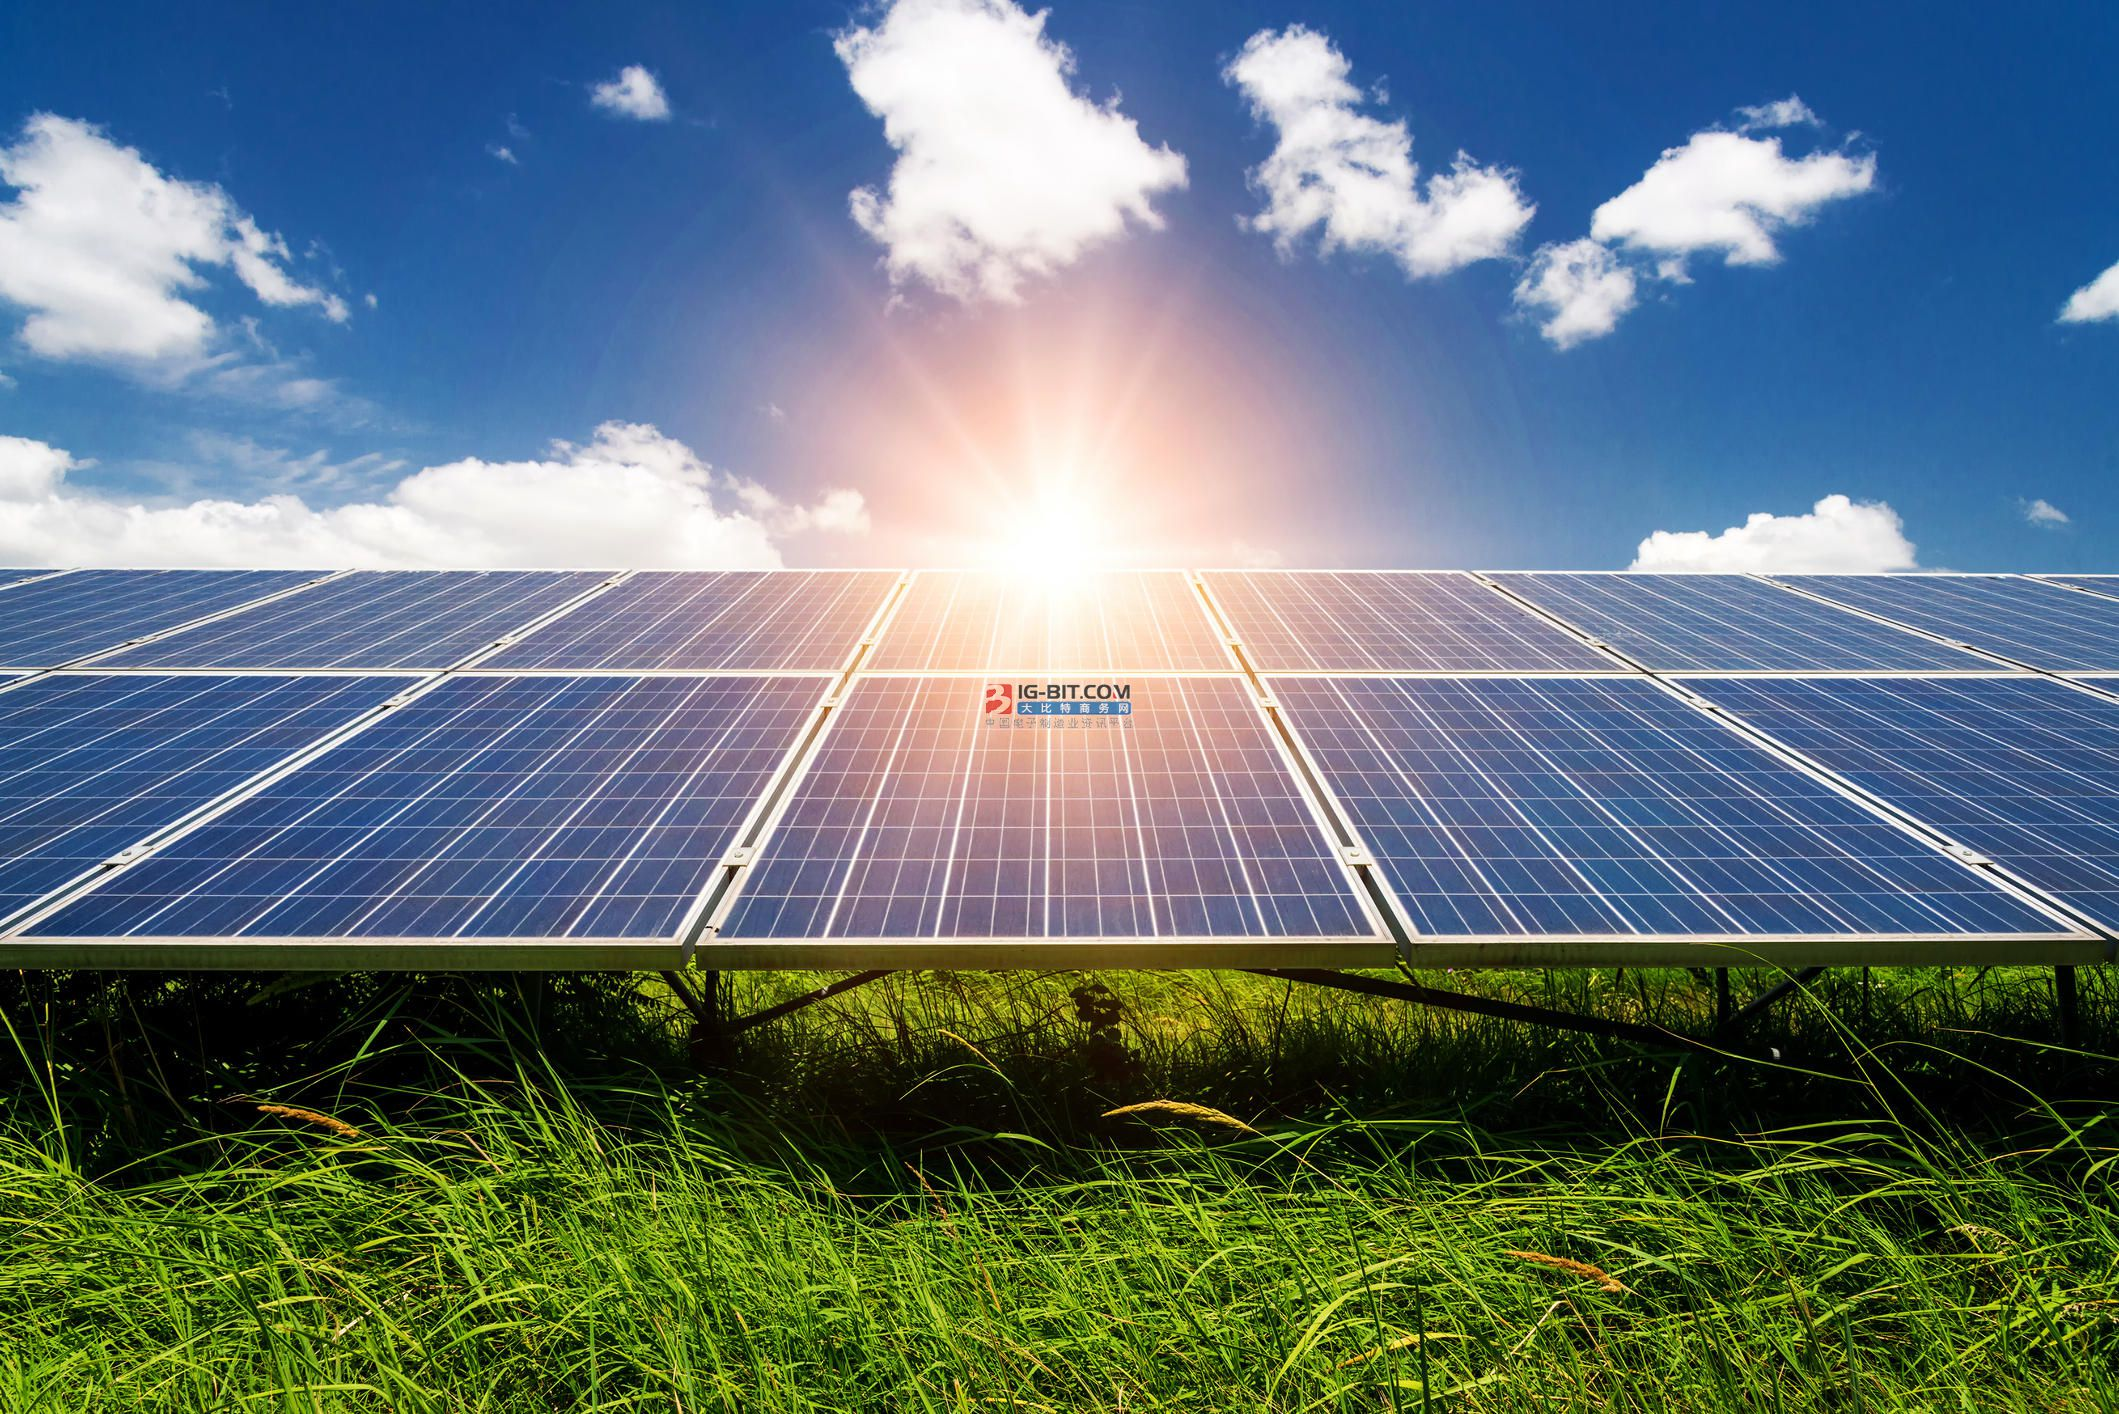 波兰与阿塞拜疆有望合作推动太阳能和风能发展